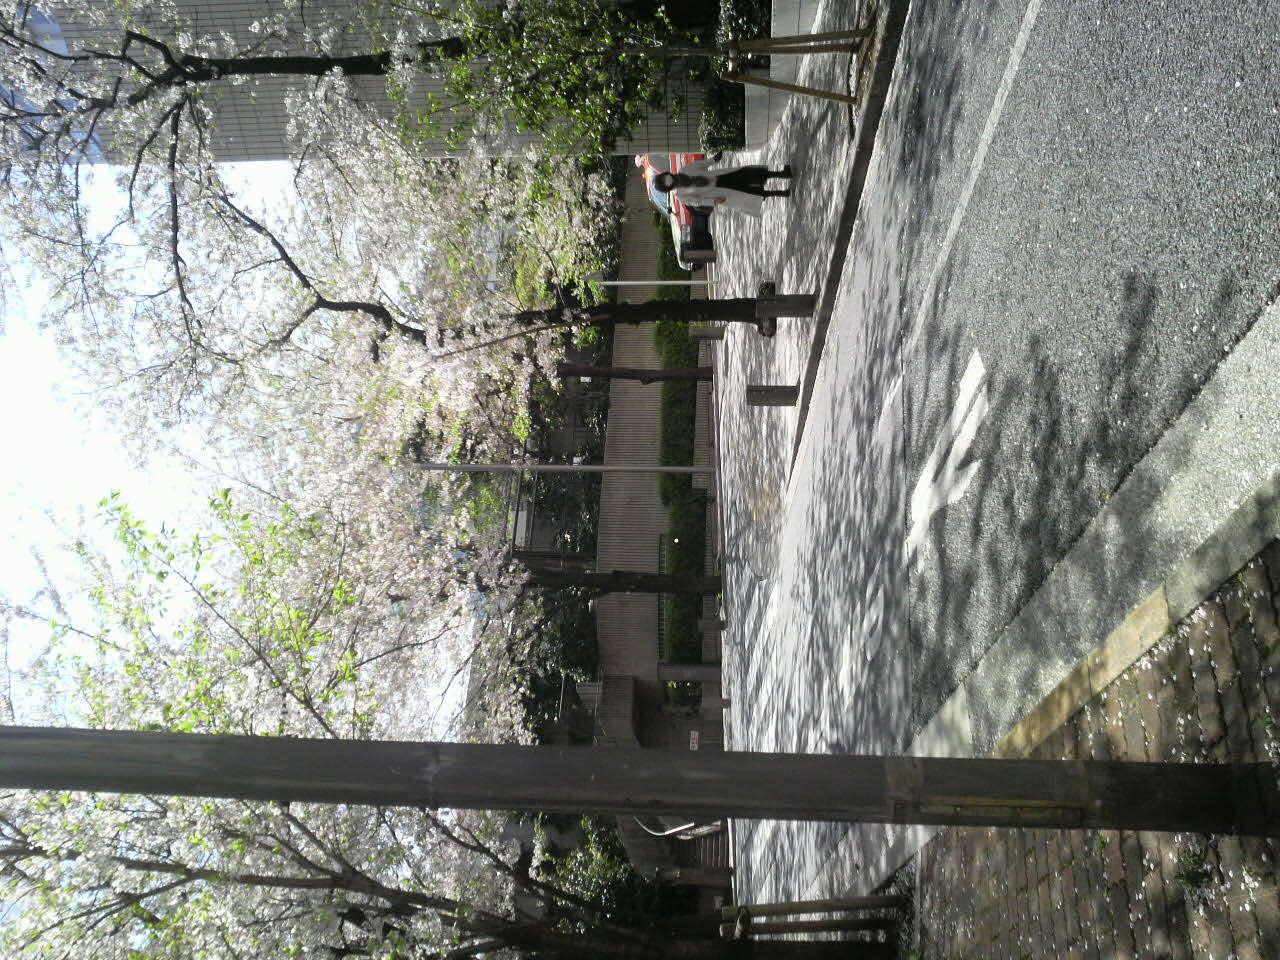 赤坂アークヒルズ勝手に桜情報2<br />  017年4月14<br />  日